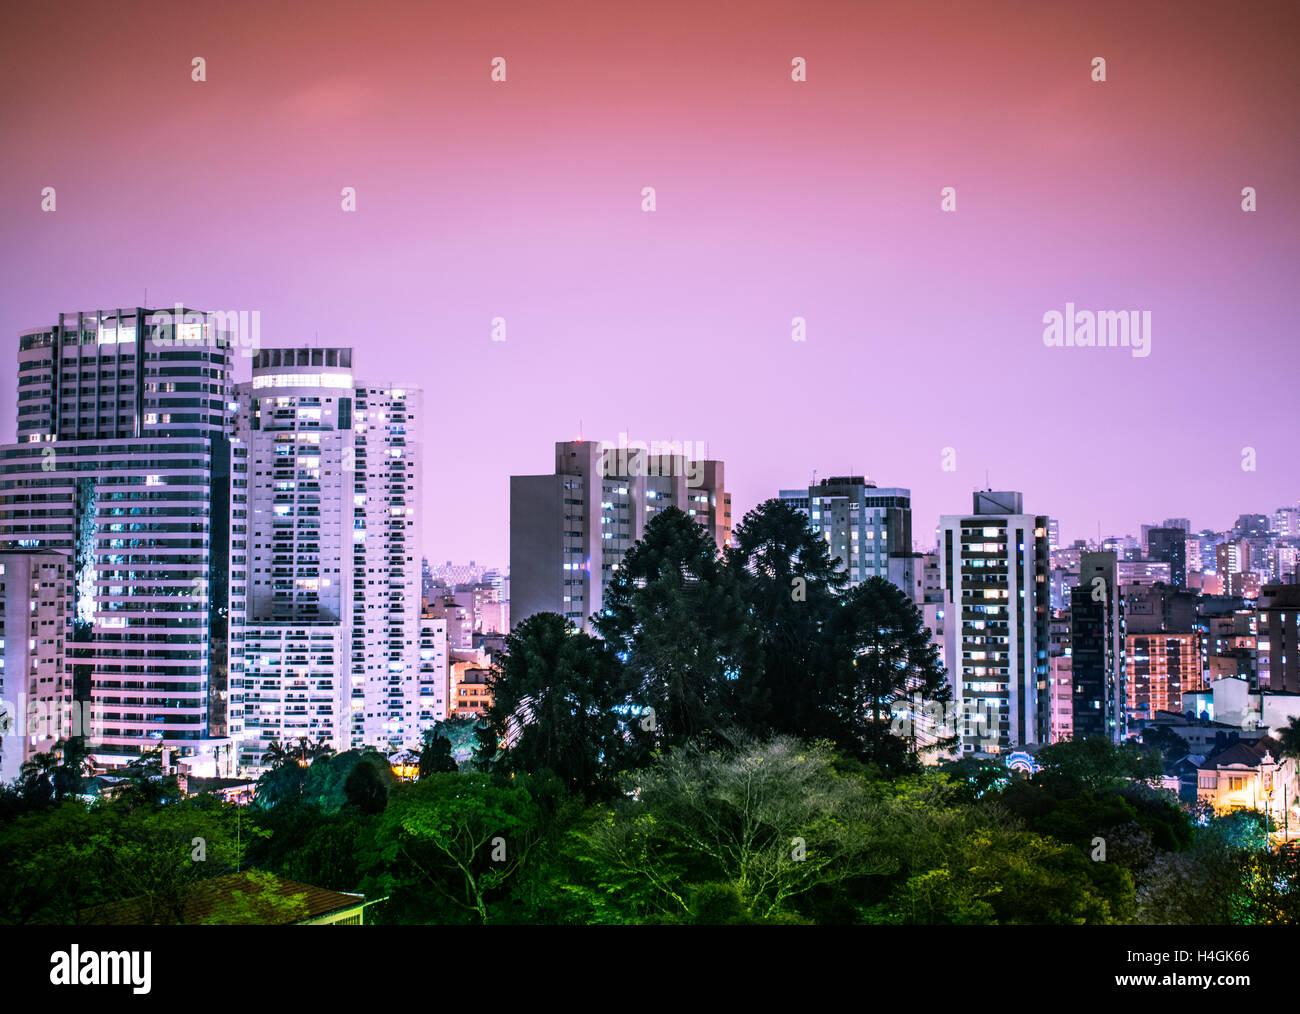 Un paisaje de edificios en São Paulo, Brasil Imagen De Stock